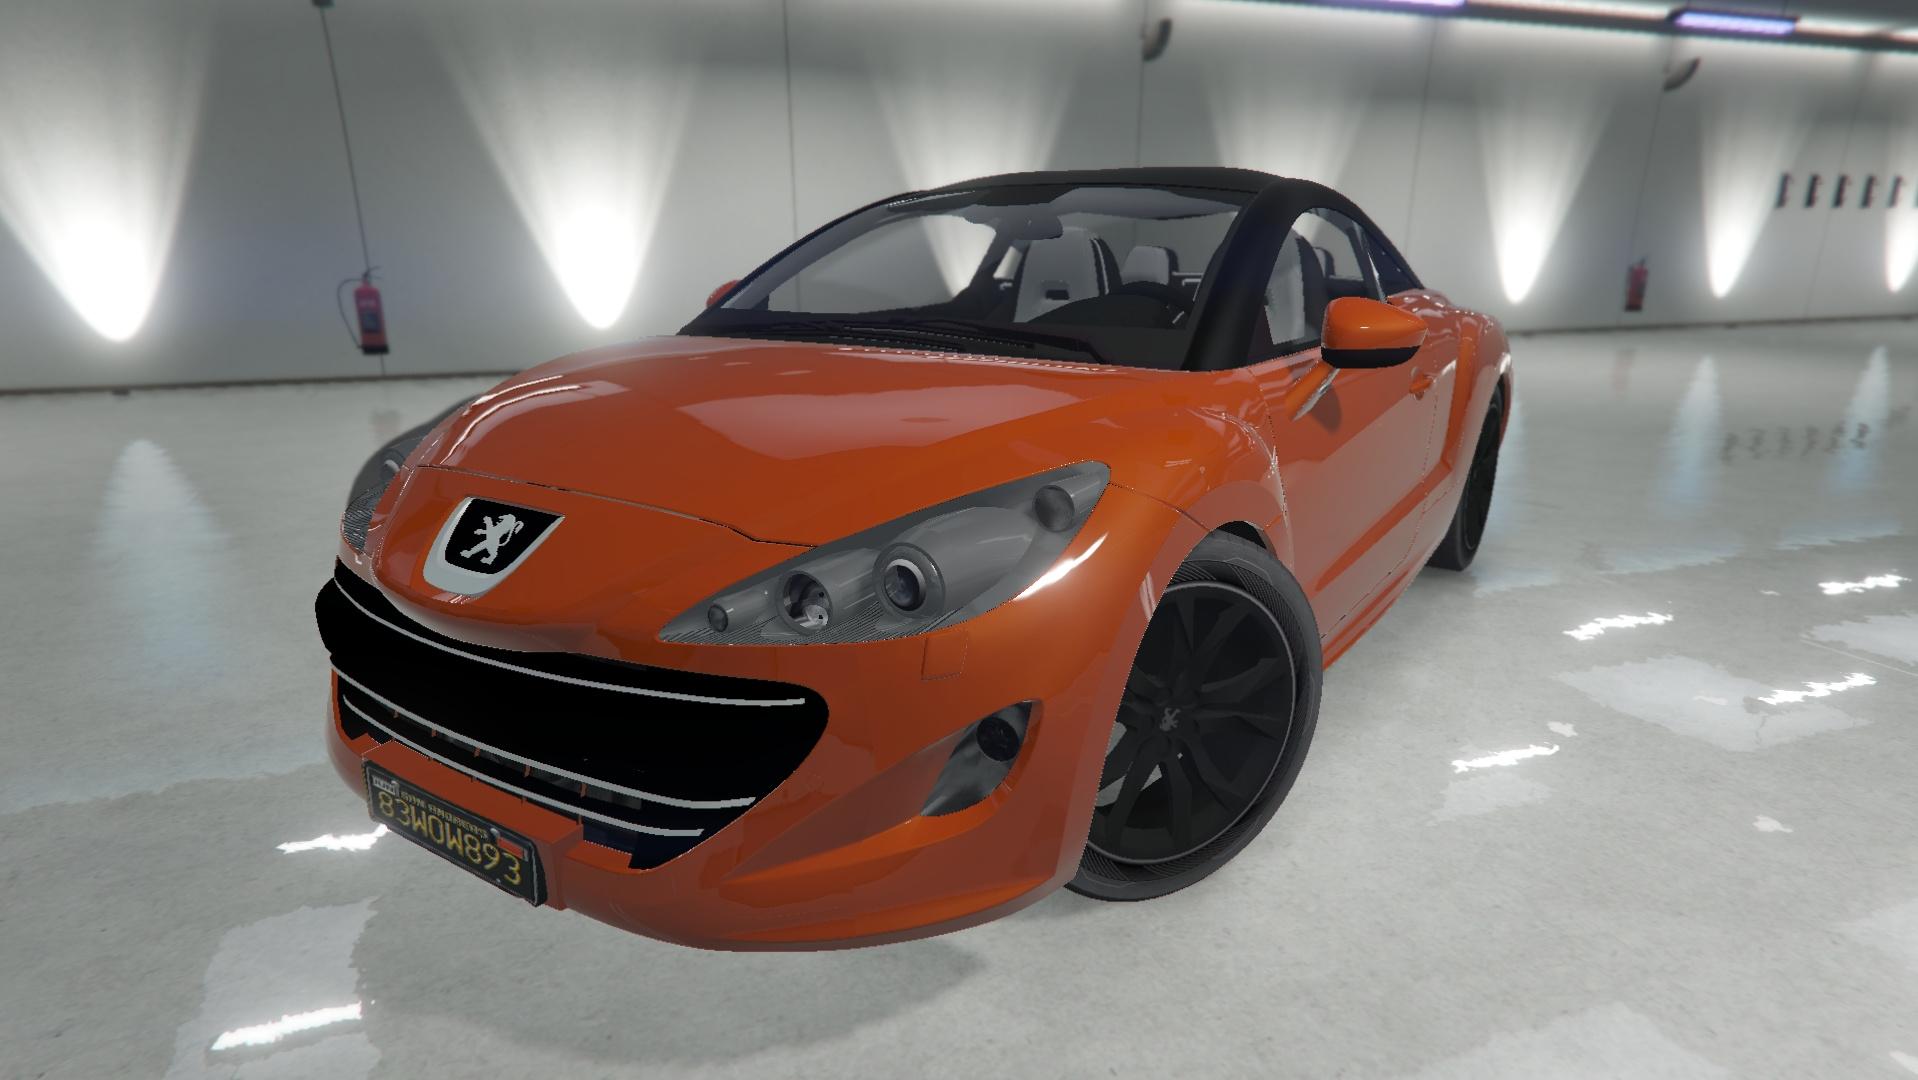 2010 Peugeot Rcz Gta5 Mods Com